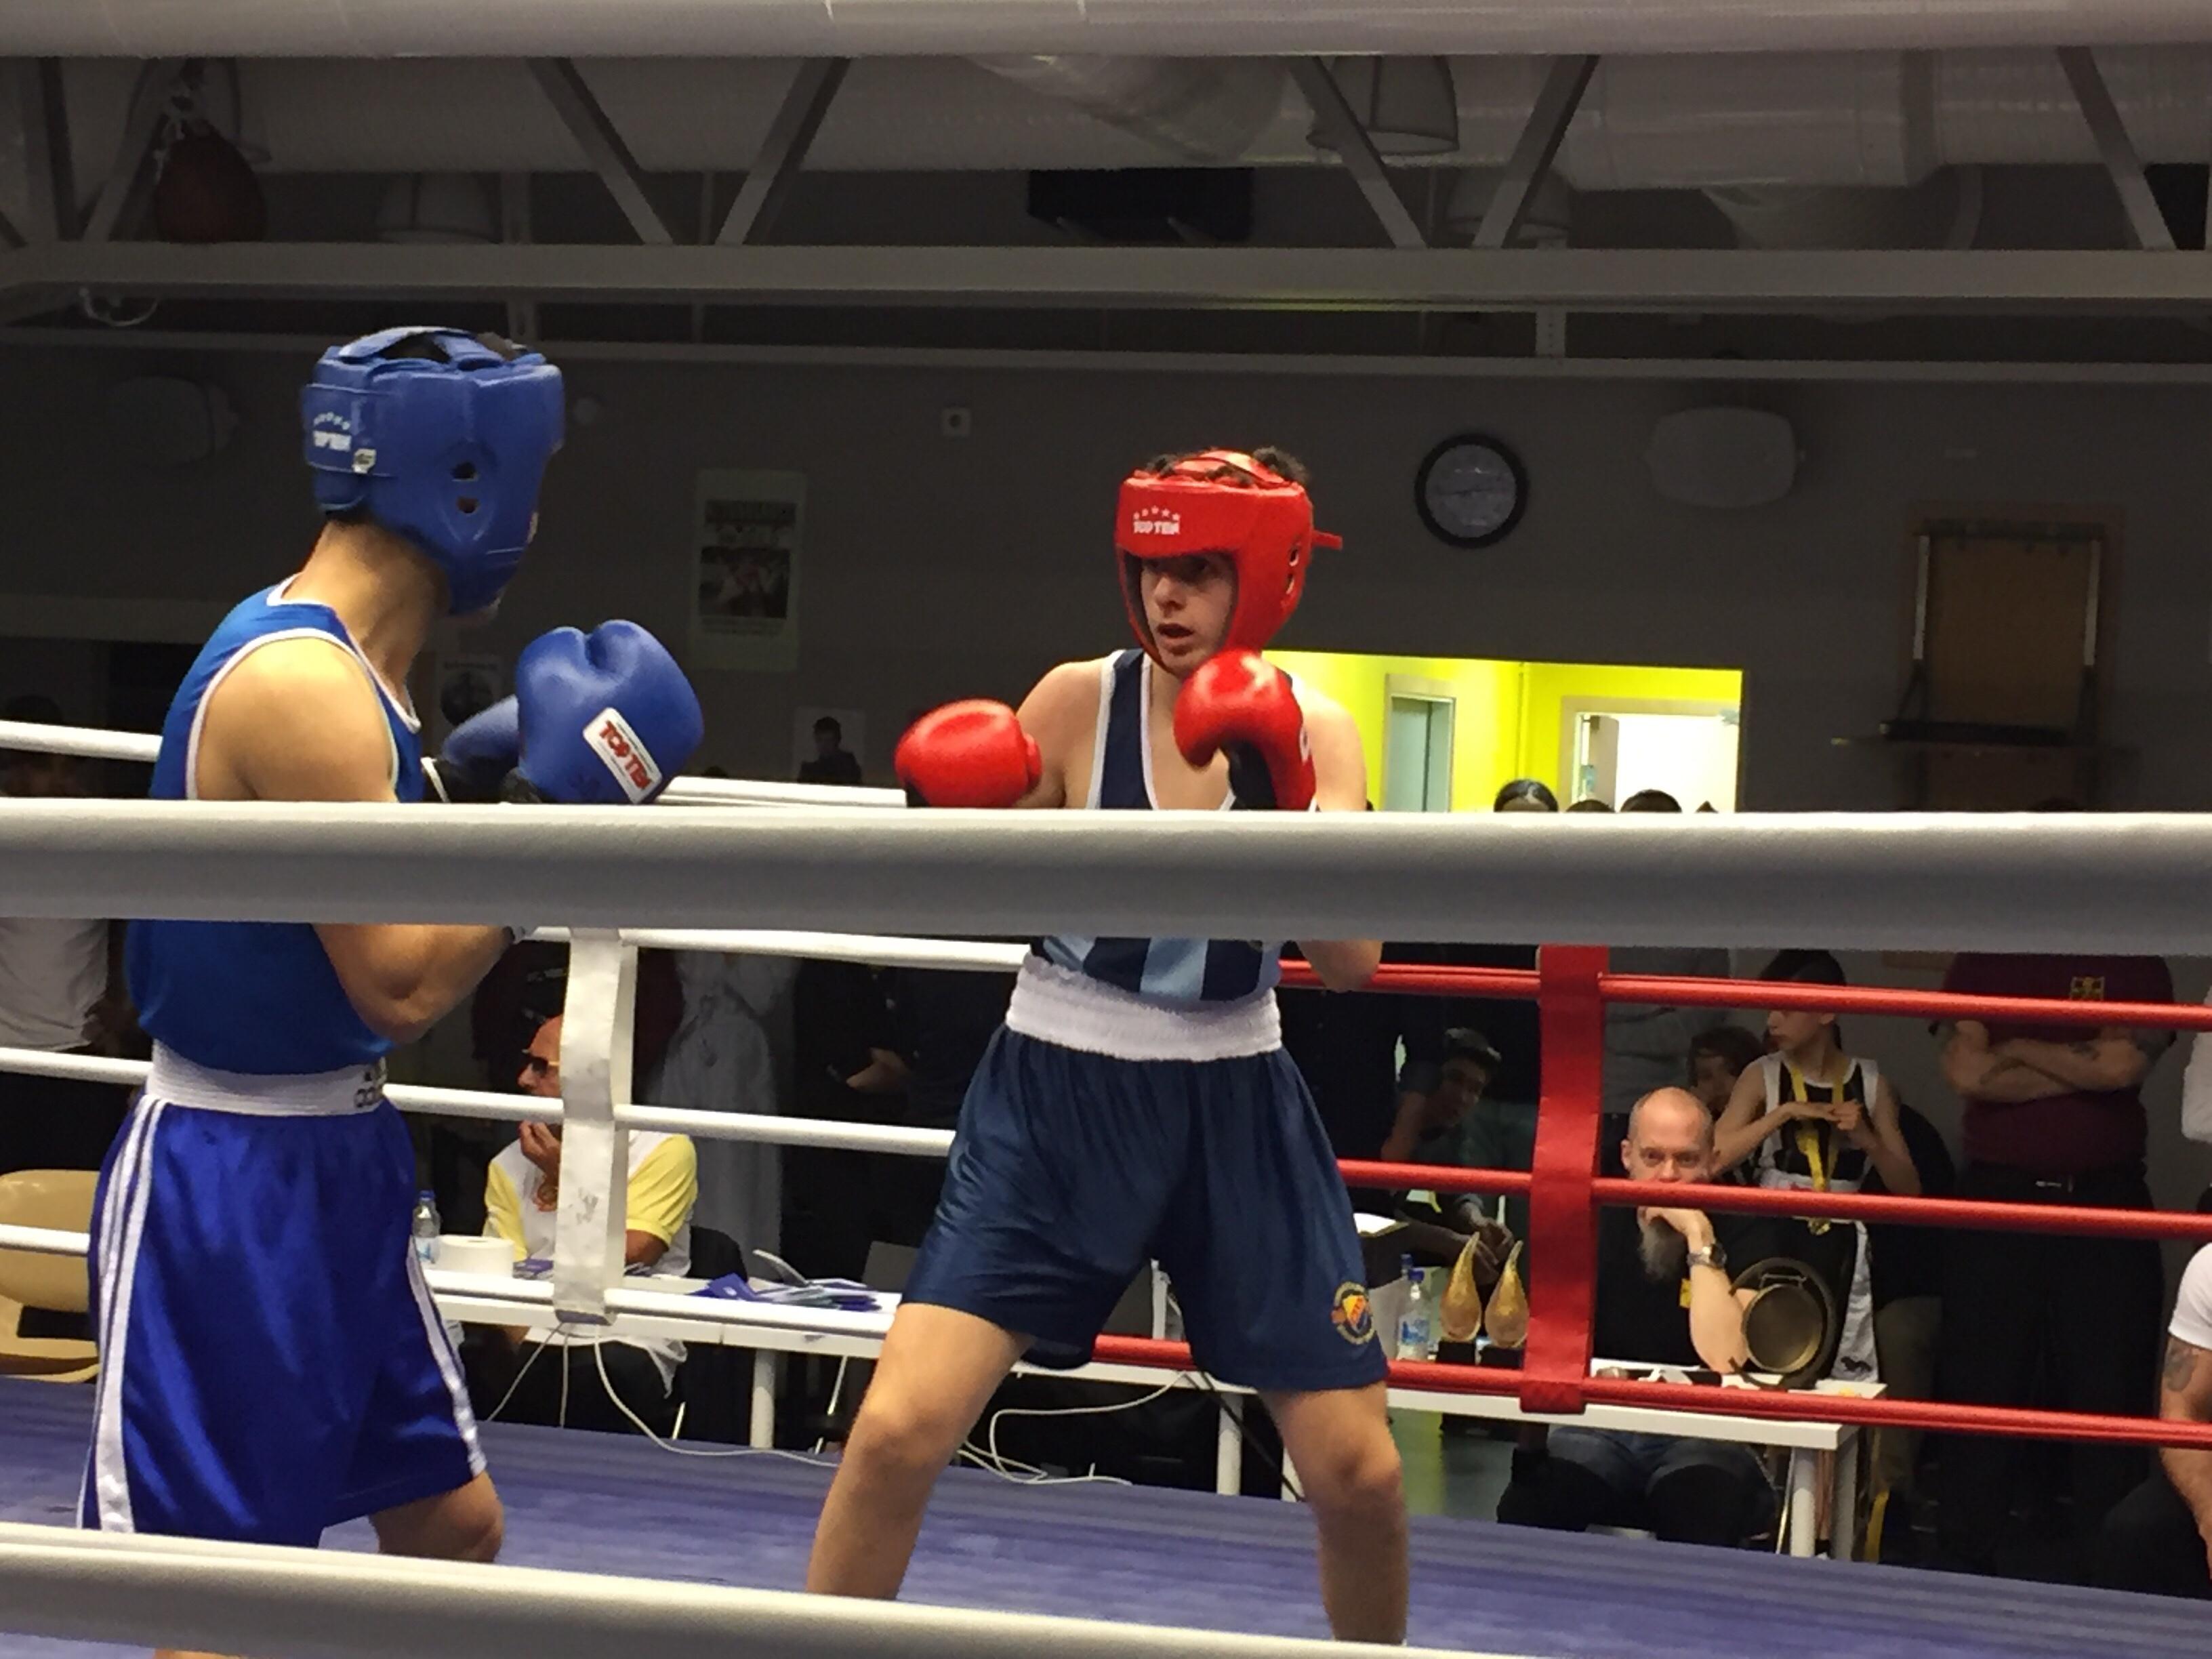 Missa inte Djurgårn's boxningstävling nu på lördag!